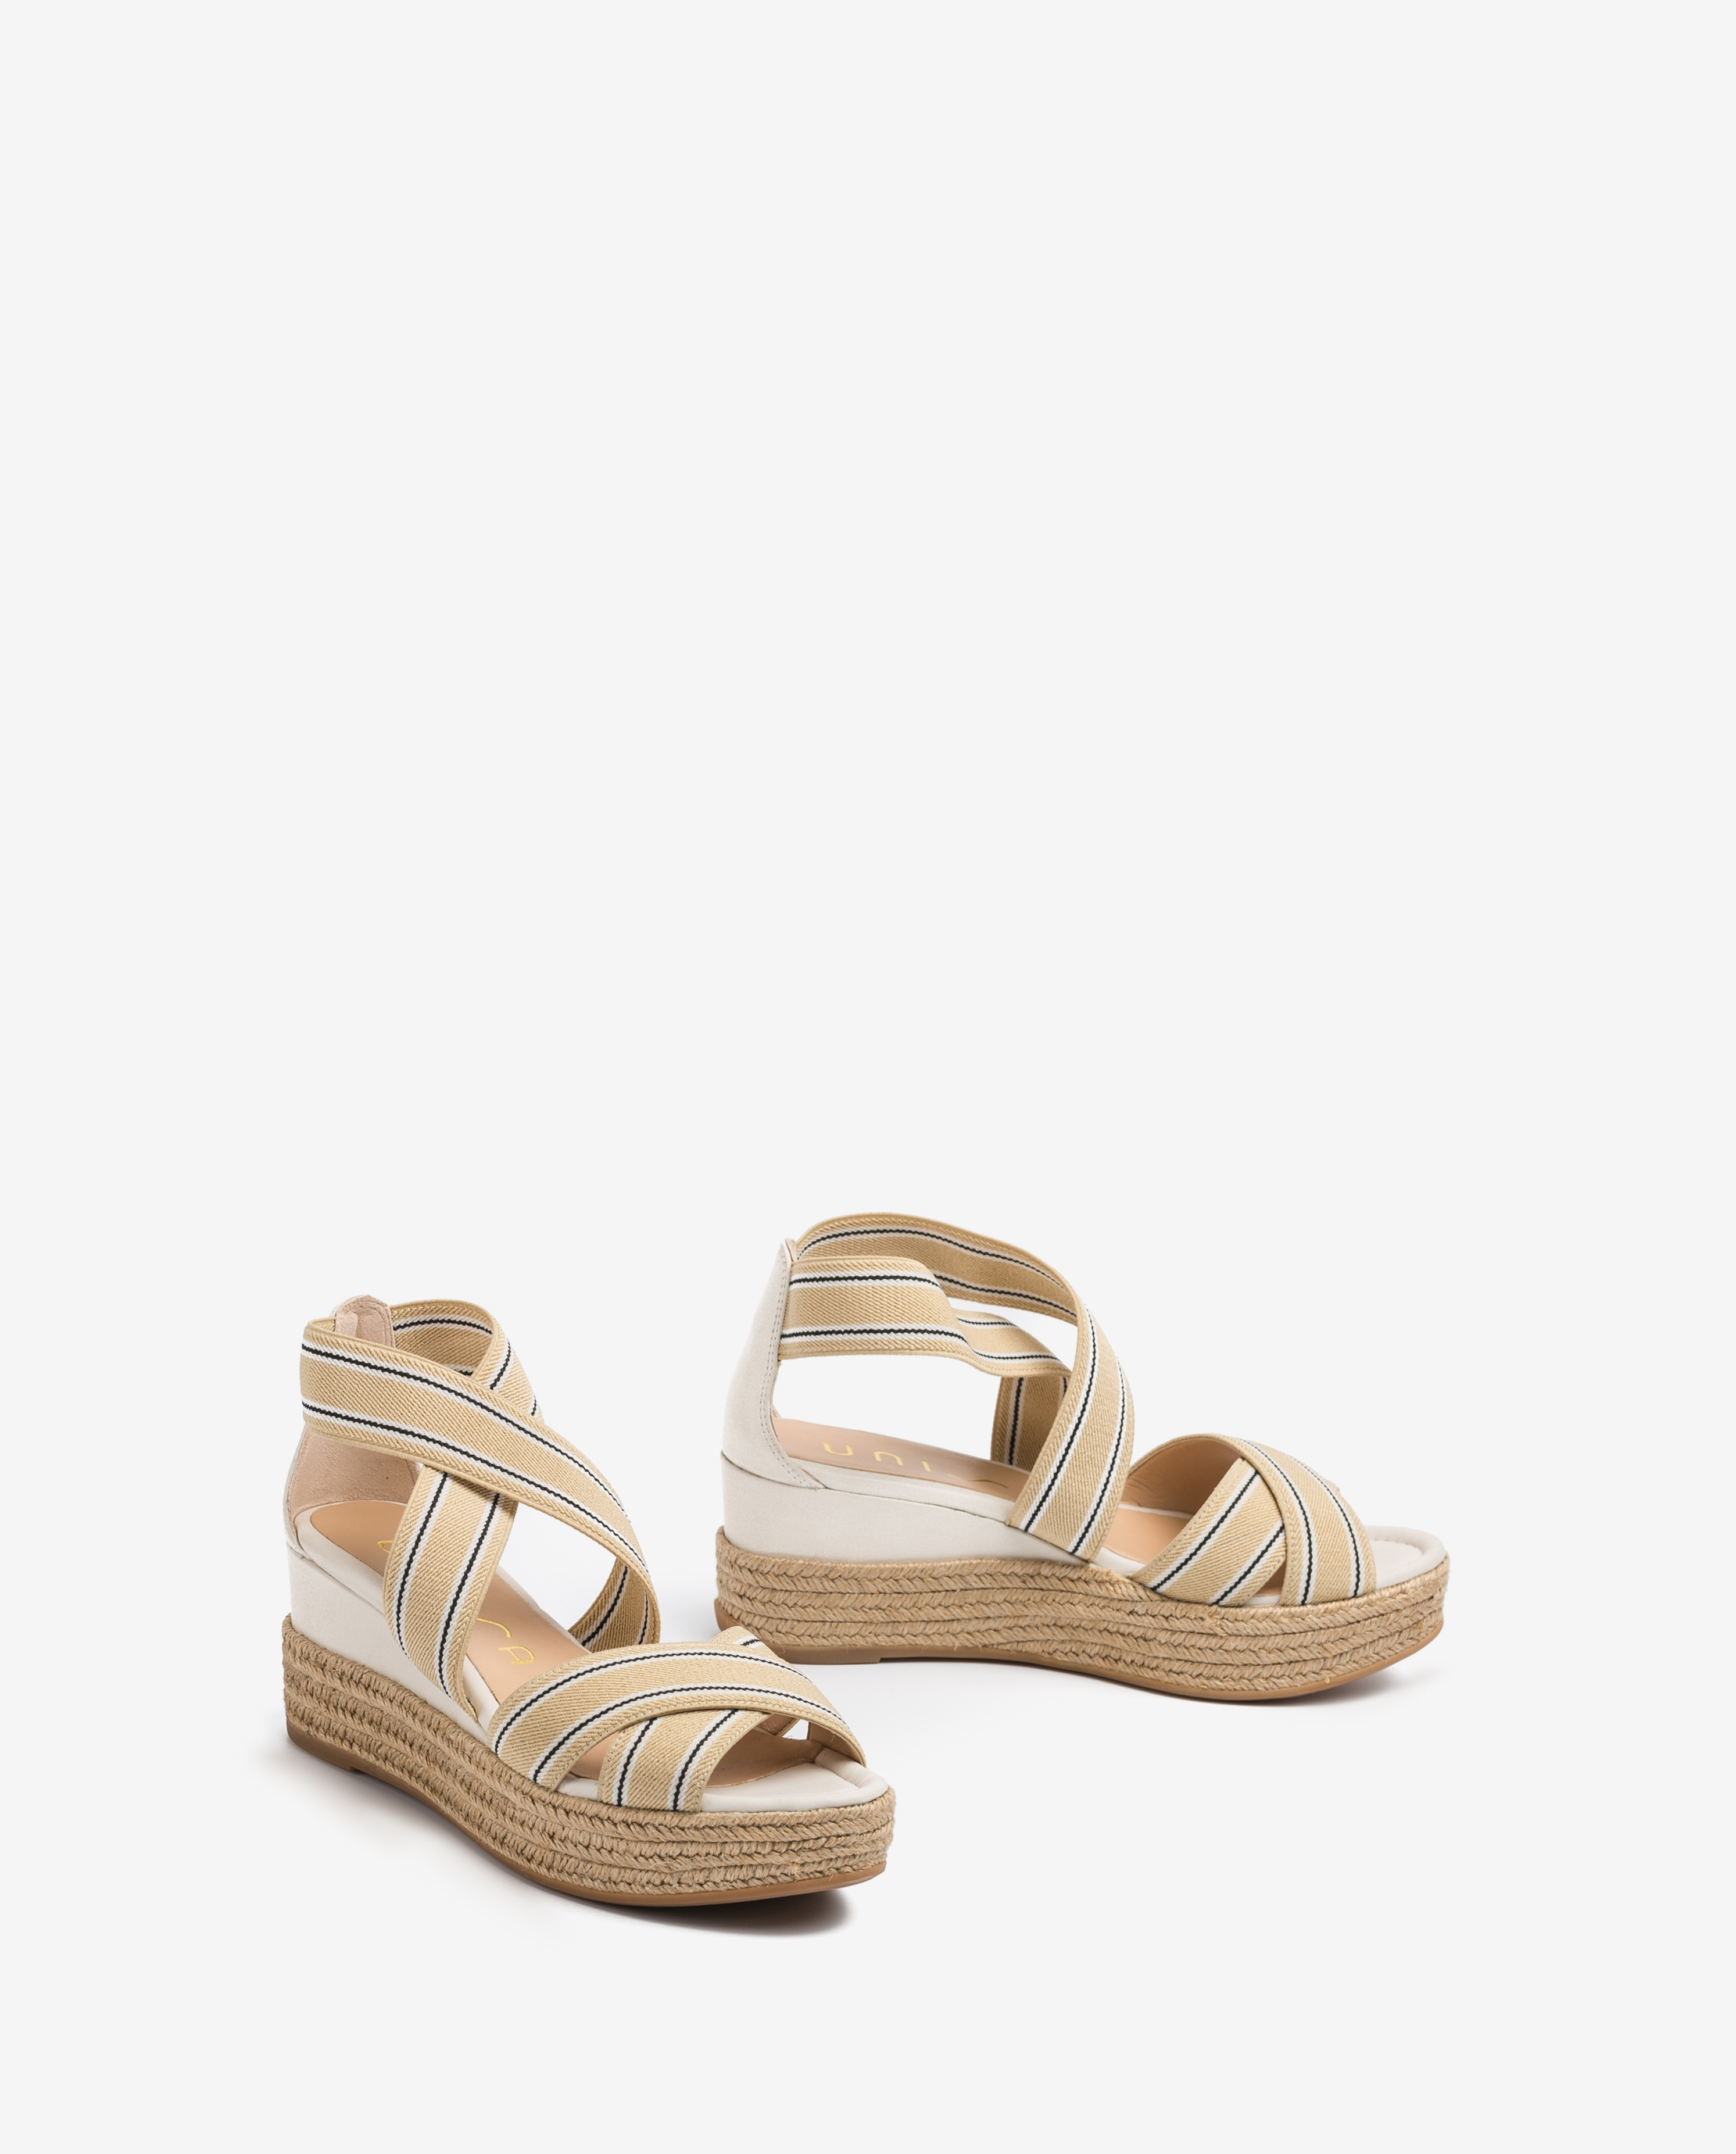 UNISA Riemchen-Sandaletten mit Streifen KADUR_CAN ivory 5